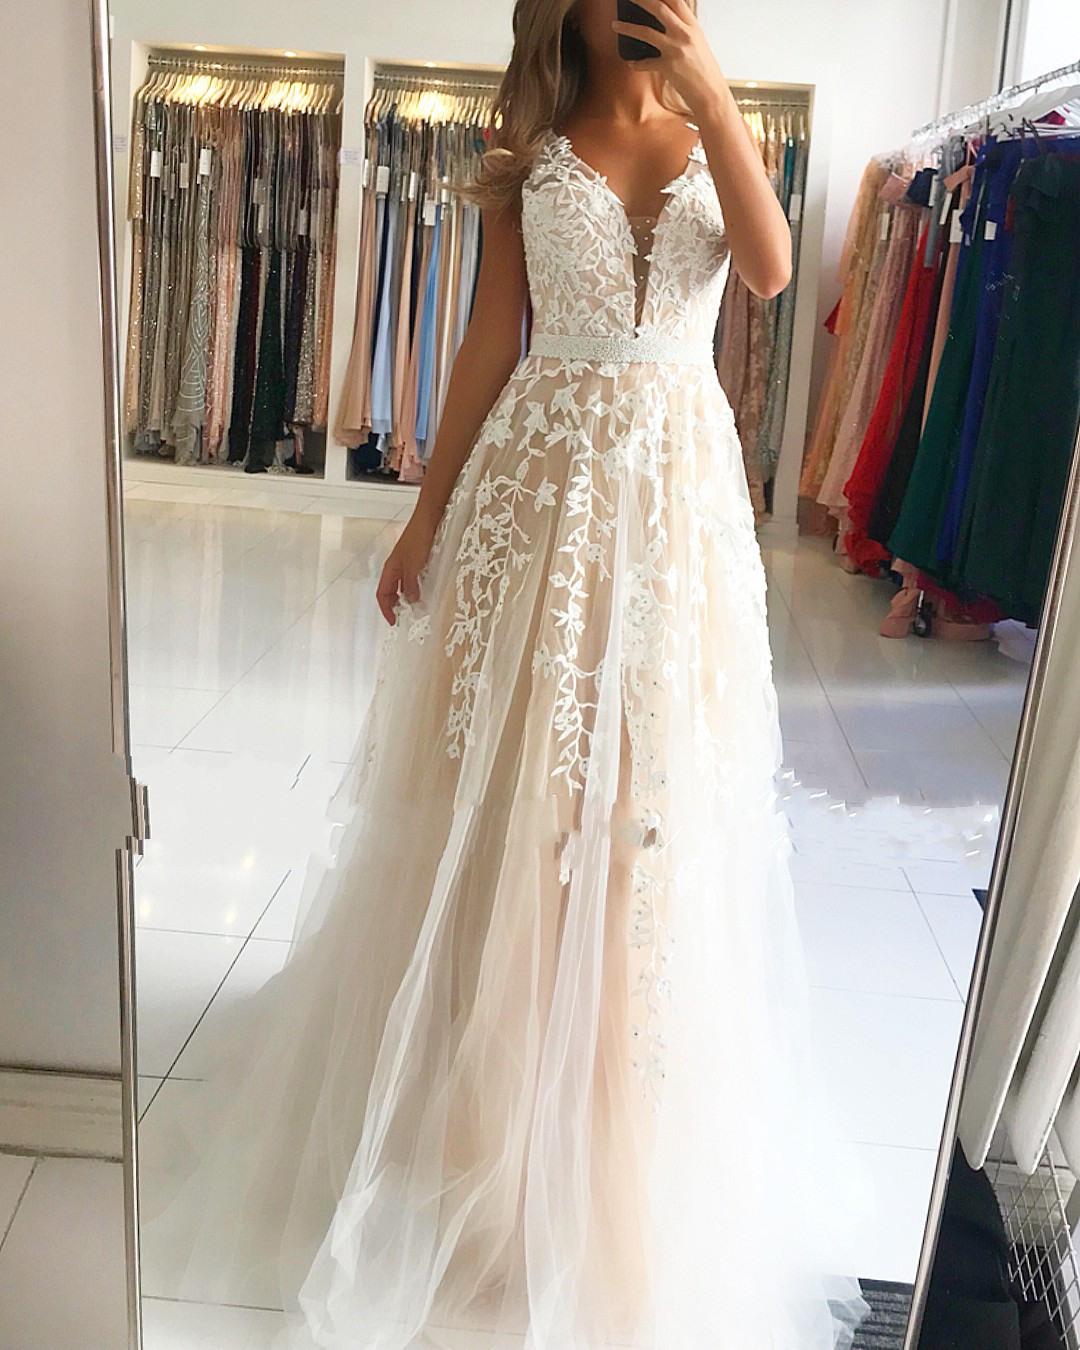 17 Genial Abendkleider Weiß Stylish17 Coolste Abendkleider Weiß für 2019